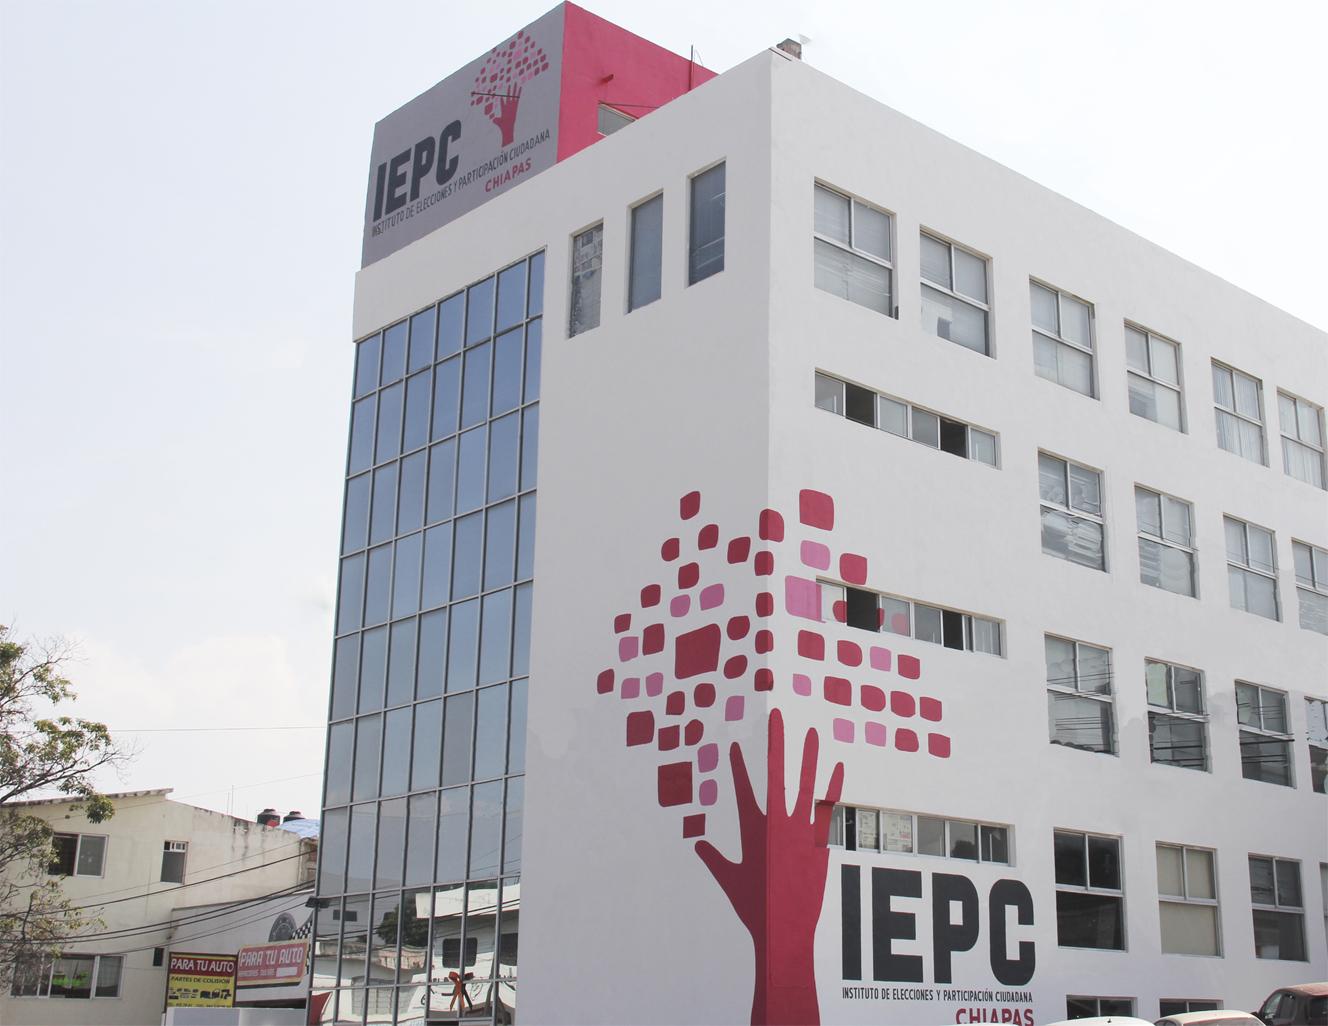 IEPC fachada